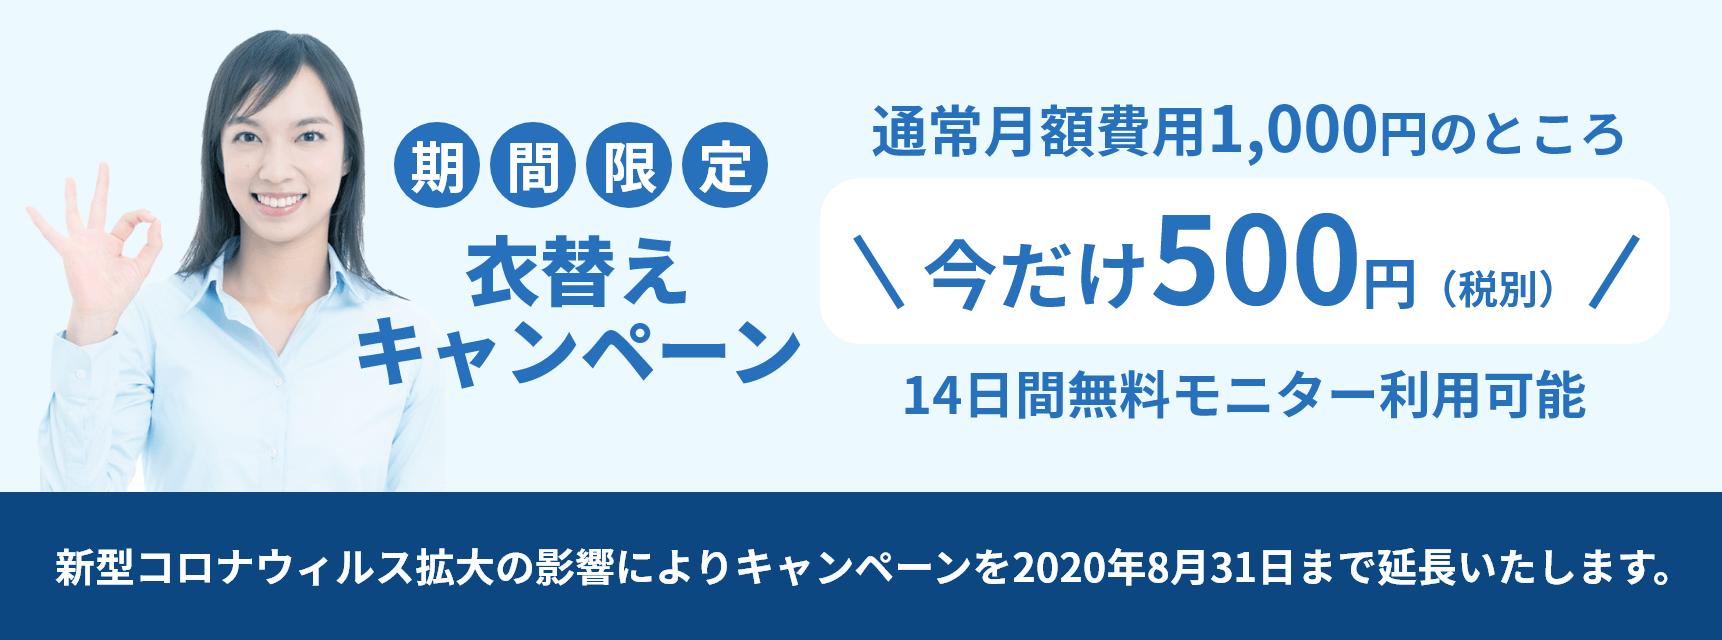 期間限定 衣替えキャンペーン 通常月額費用1,000円のところ今だけ500円(税別) 14日間無料モニター利用可能 新型コロナウィルス拡大の影響によりキャンペーンを2020年7月31日まで延長いたします。